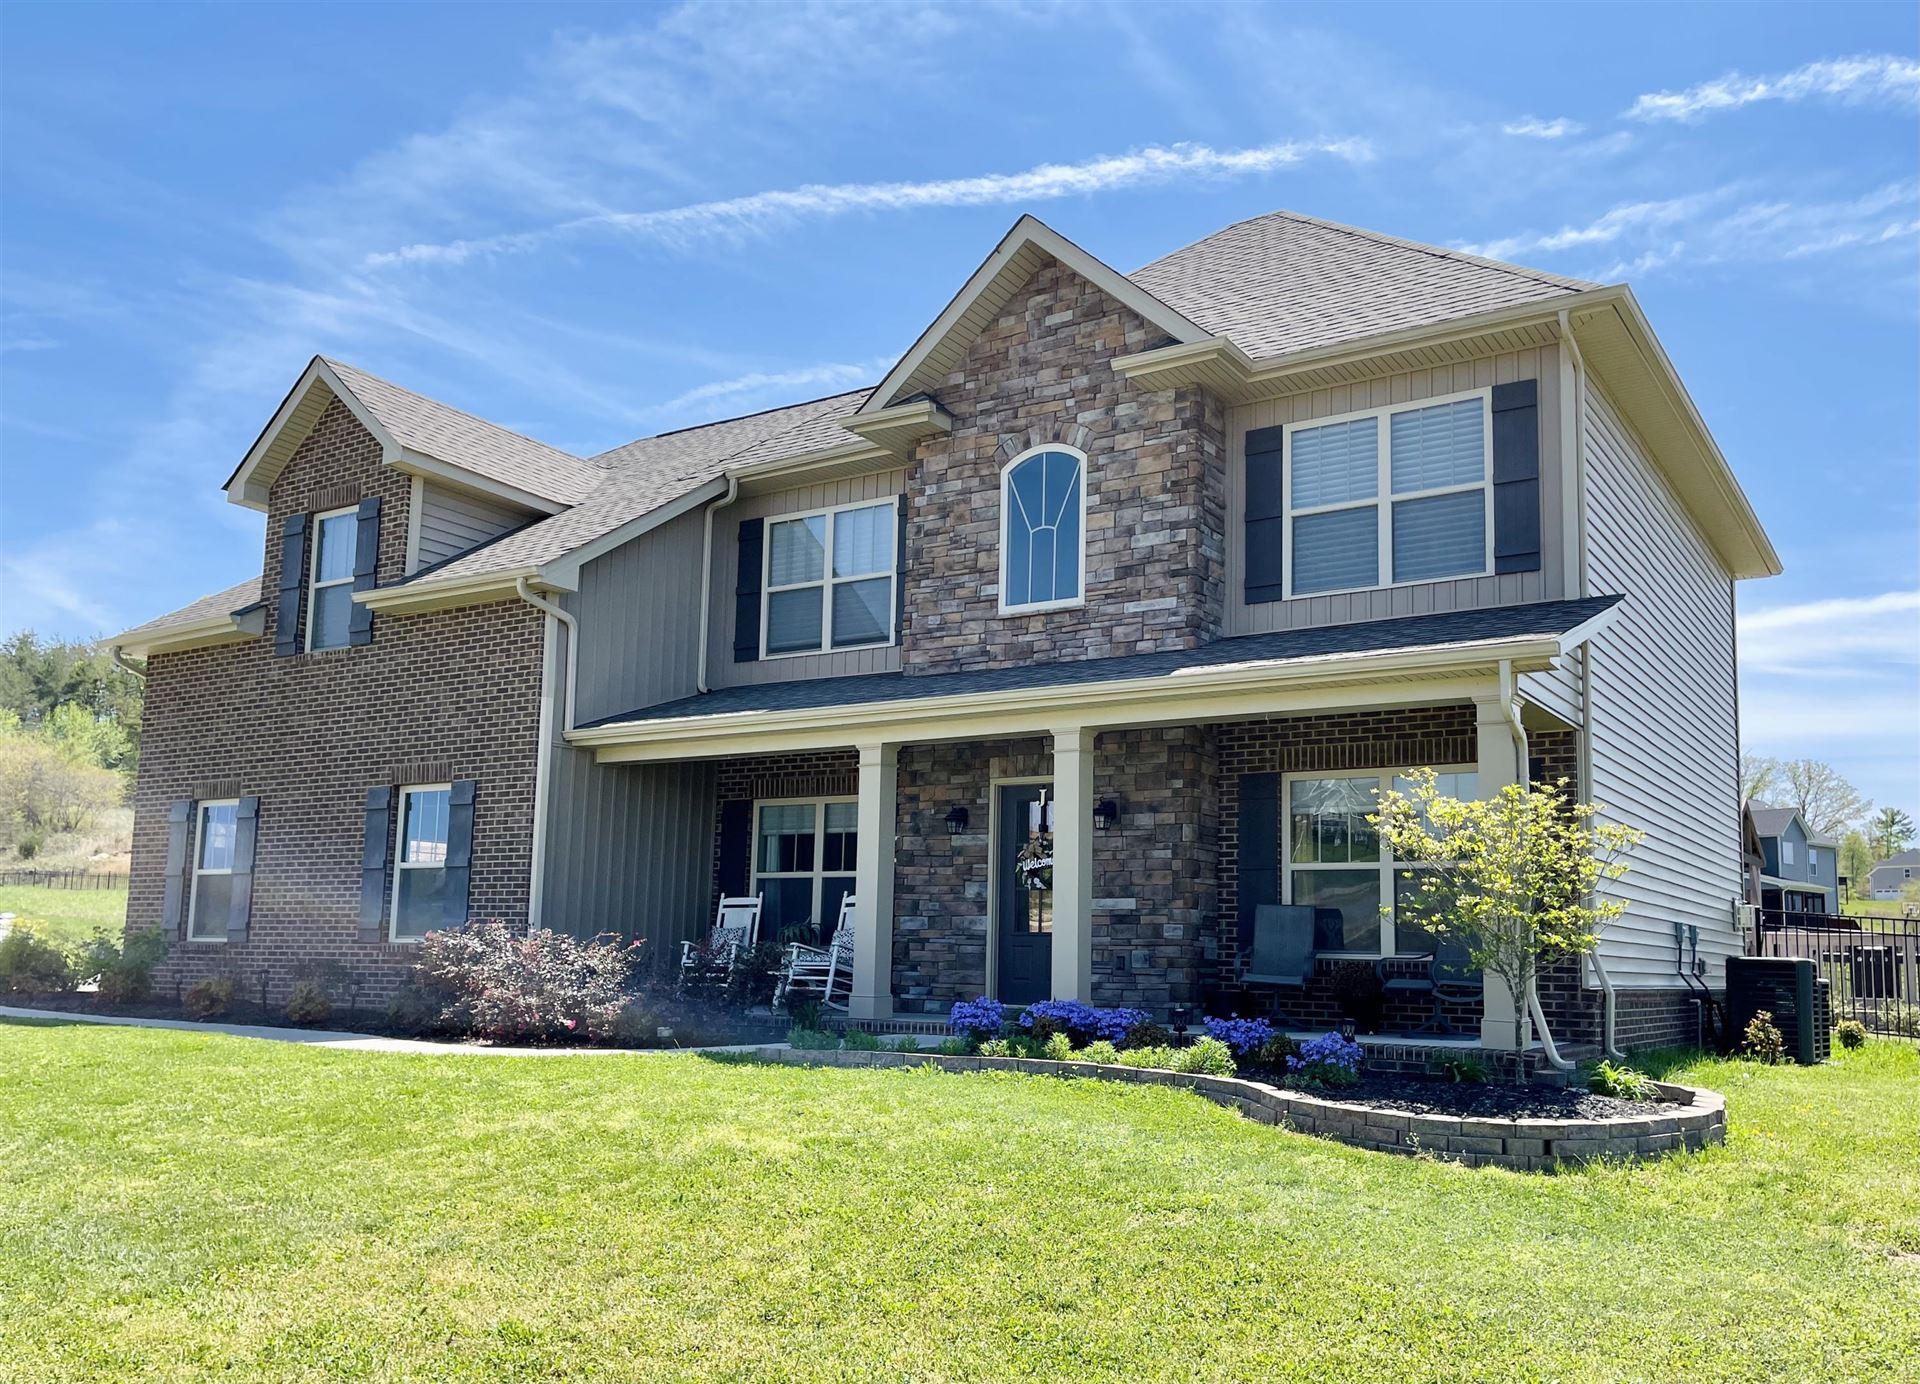 Photo of 100 W Elderberry St, Oak Ridge, TN 37830 (MLS # 1149537)